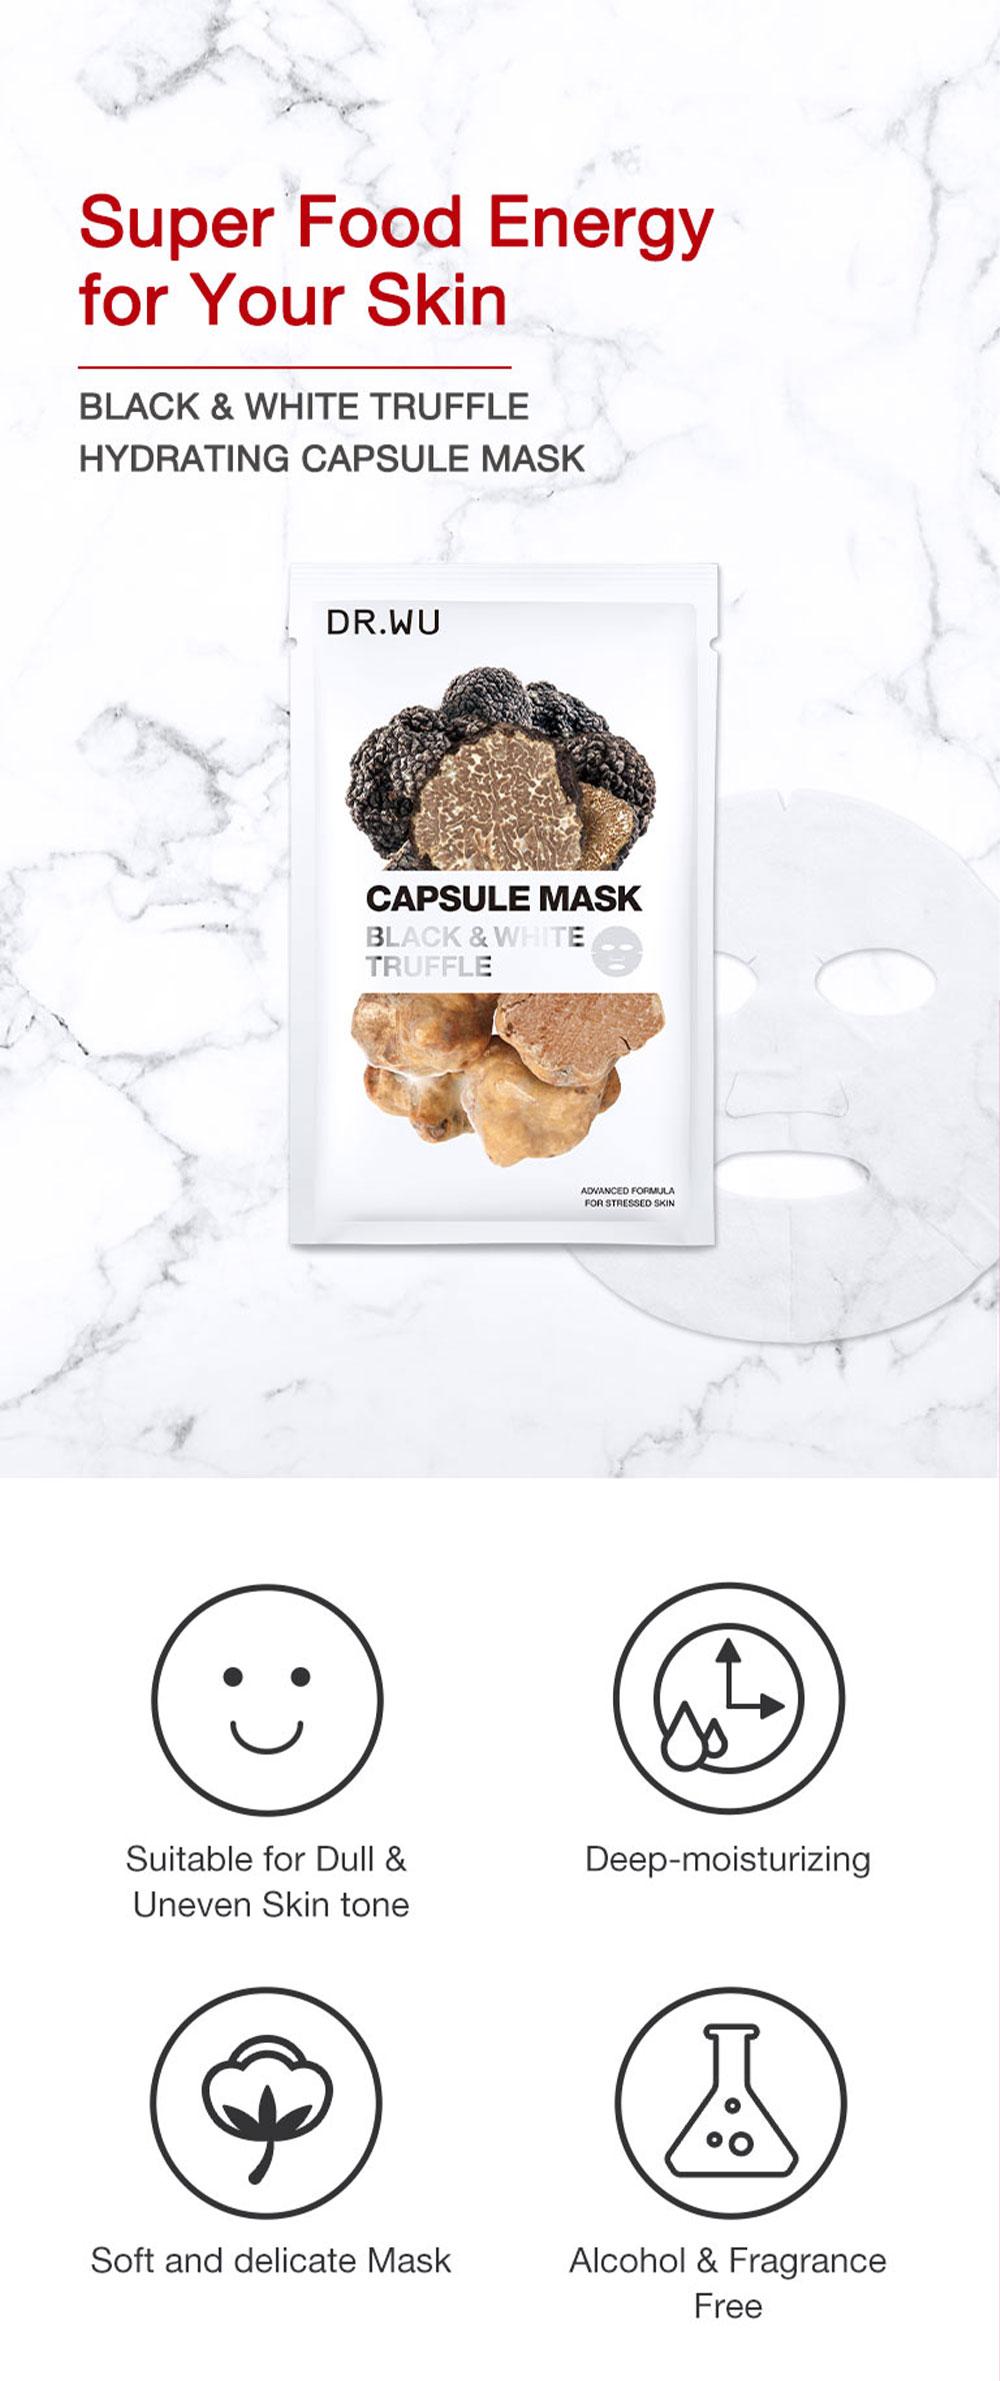 Truffle Hydrating Capsule Mask - Intro